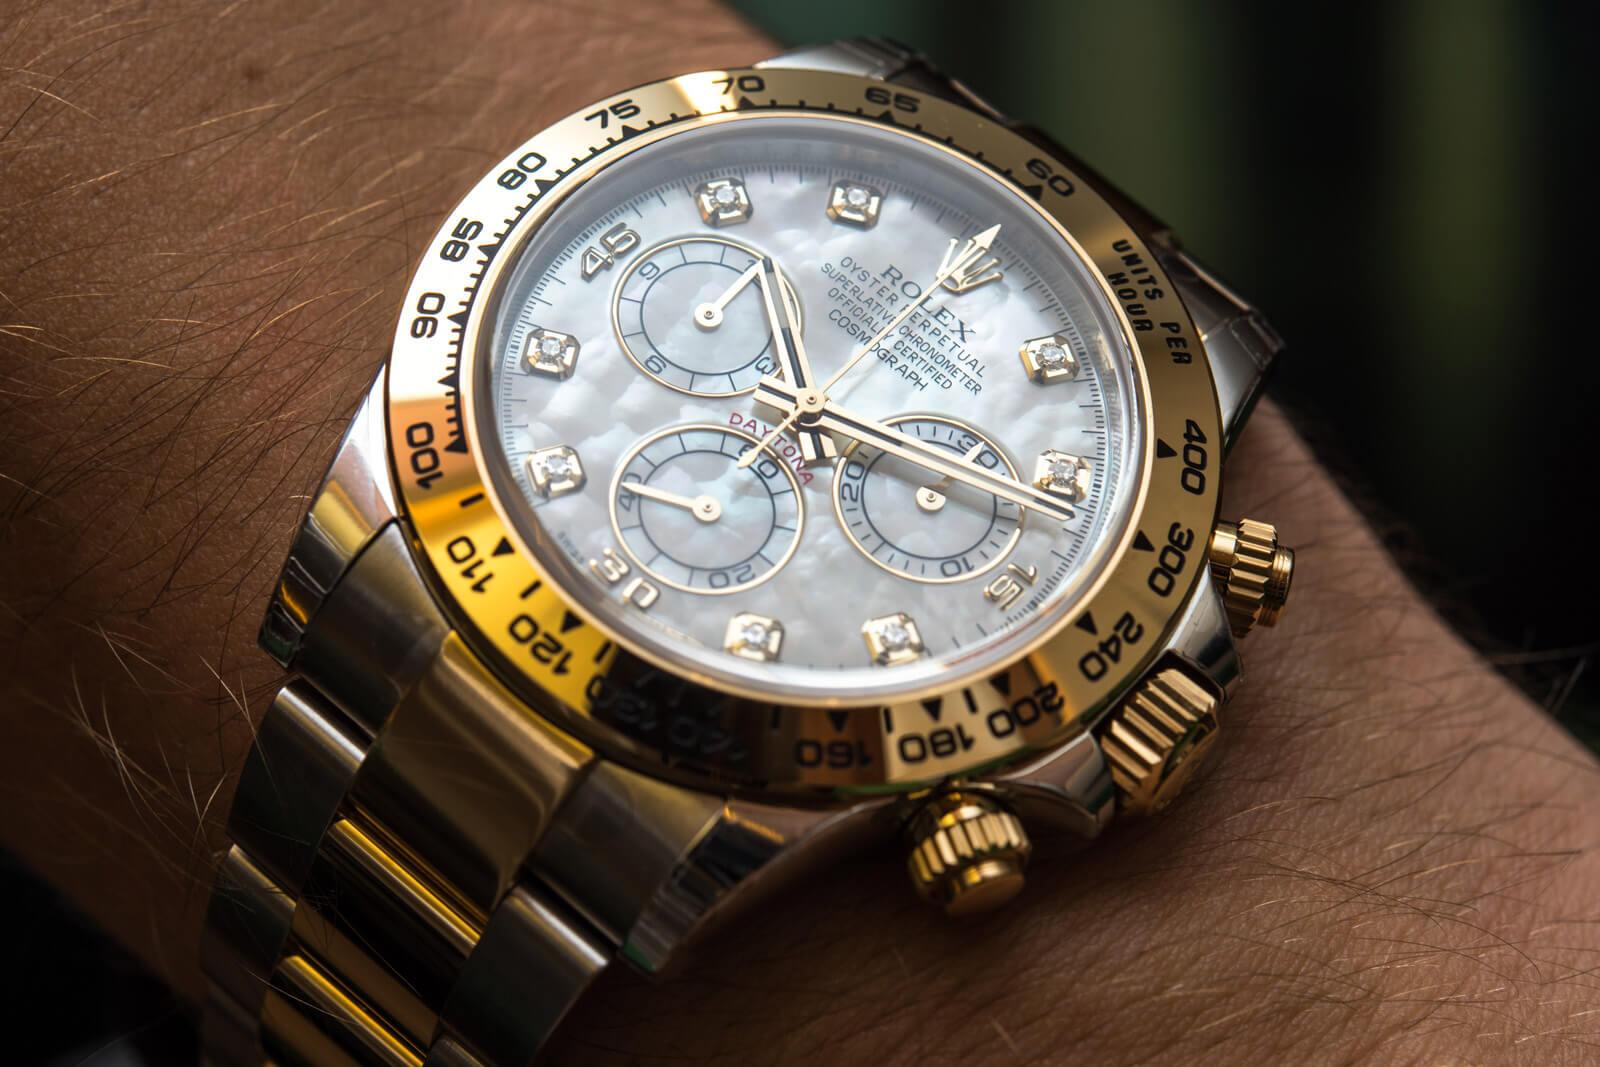 Rolex Daytona Ref. 116503 - Beli biser sa dijamantima